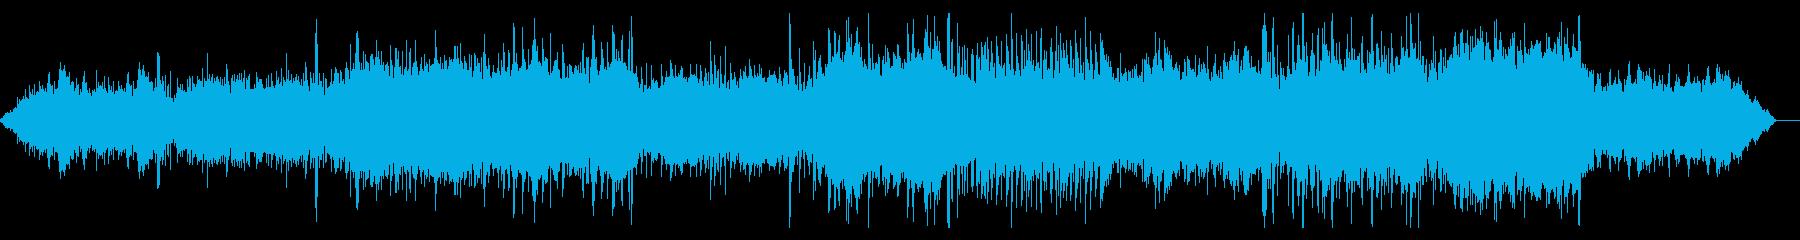 デジタルで陰鬱なミステリアスなIDMの再生済みの波形